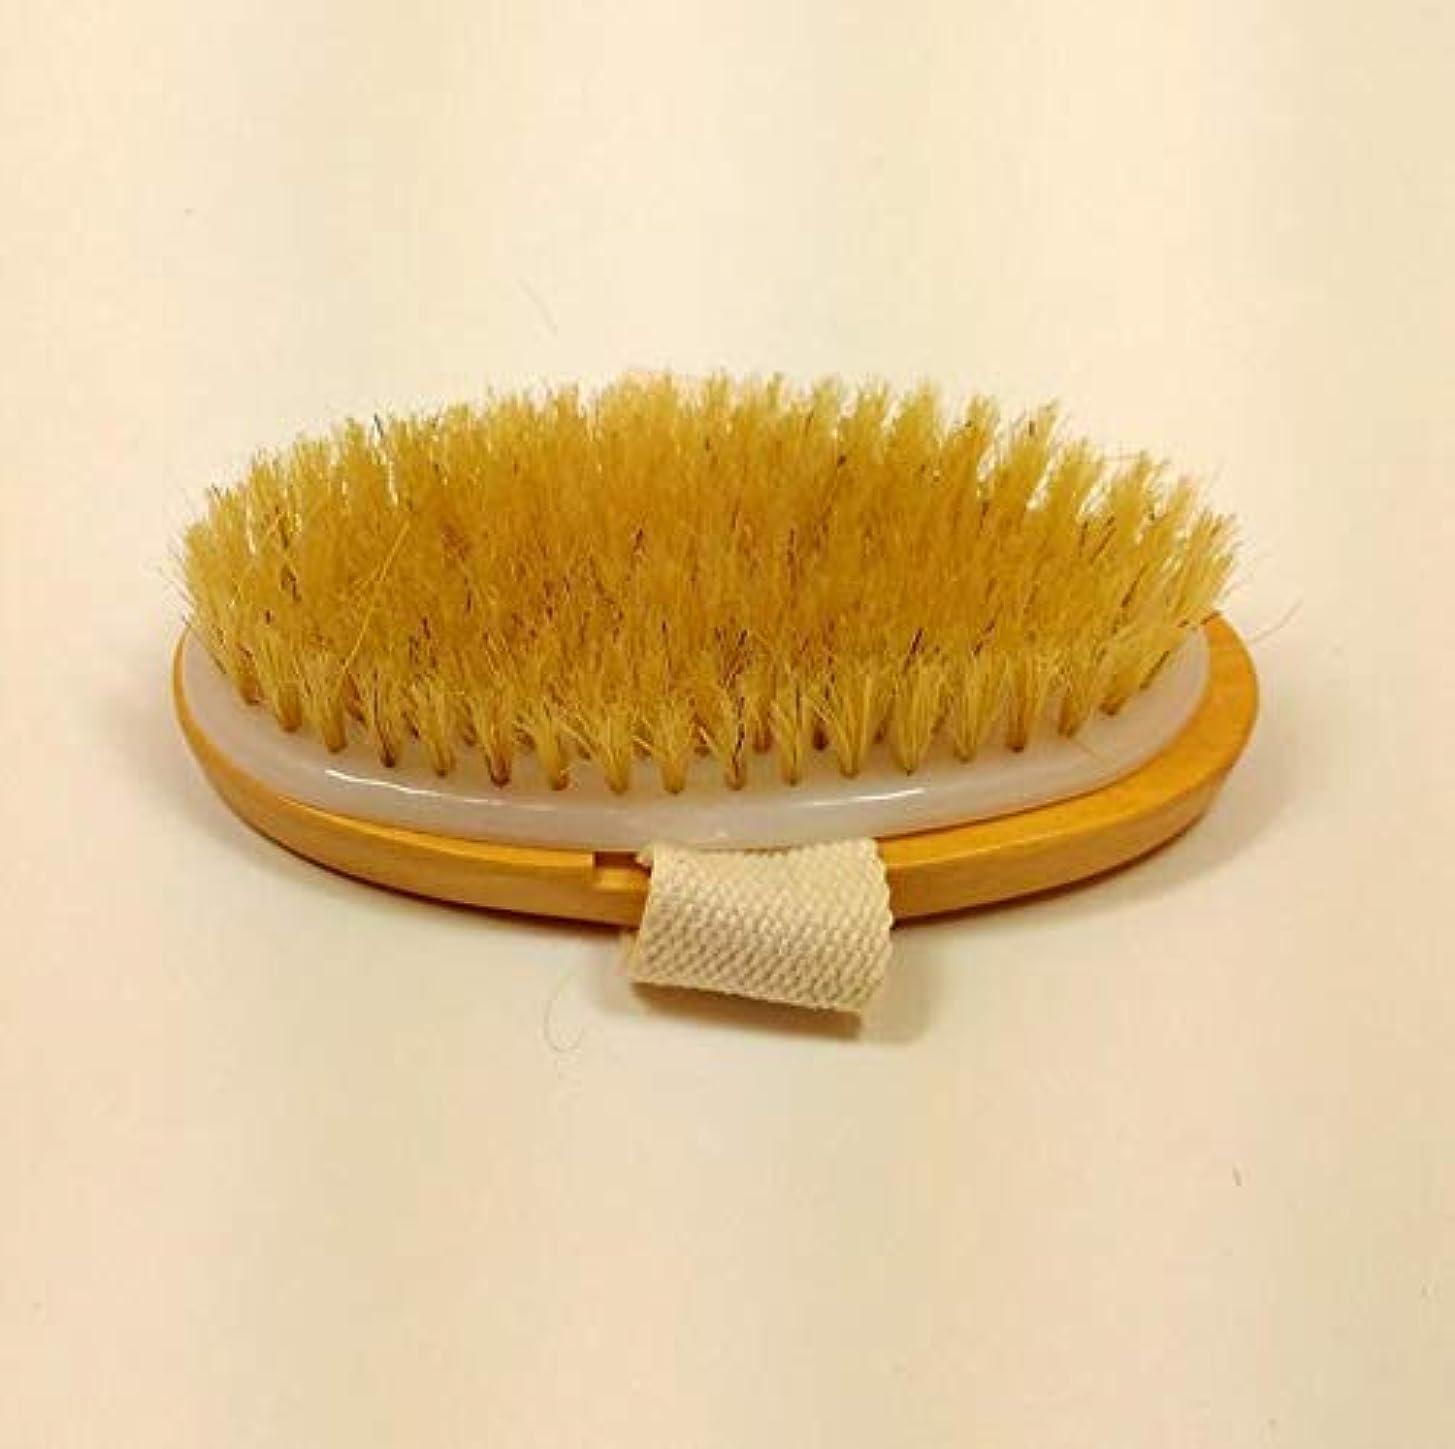 割り込みハウス作り乾燥肌のボディブラシ-肌の健康と美しさを向上させる-自然な剛毛-死んだ皮膚や毒素、セルライト治療を削除し、リンパ機能を改善、剥離、血液循環を刺激する